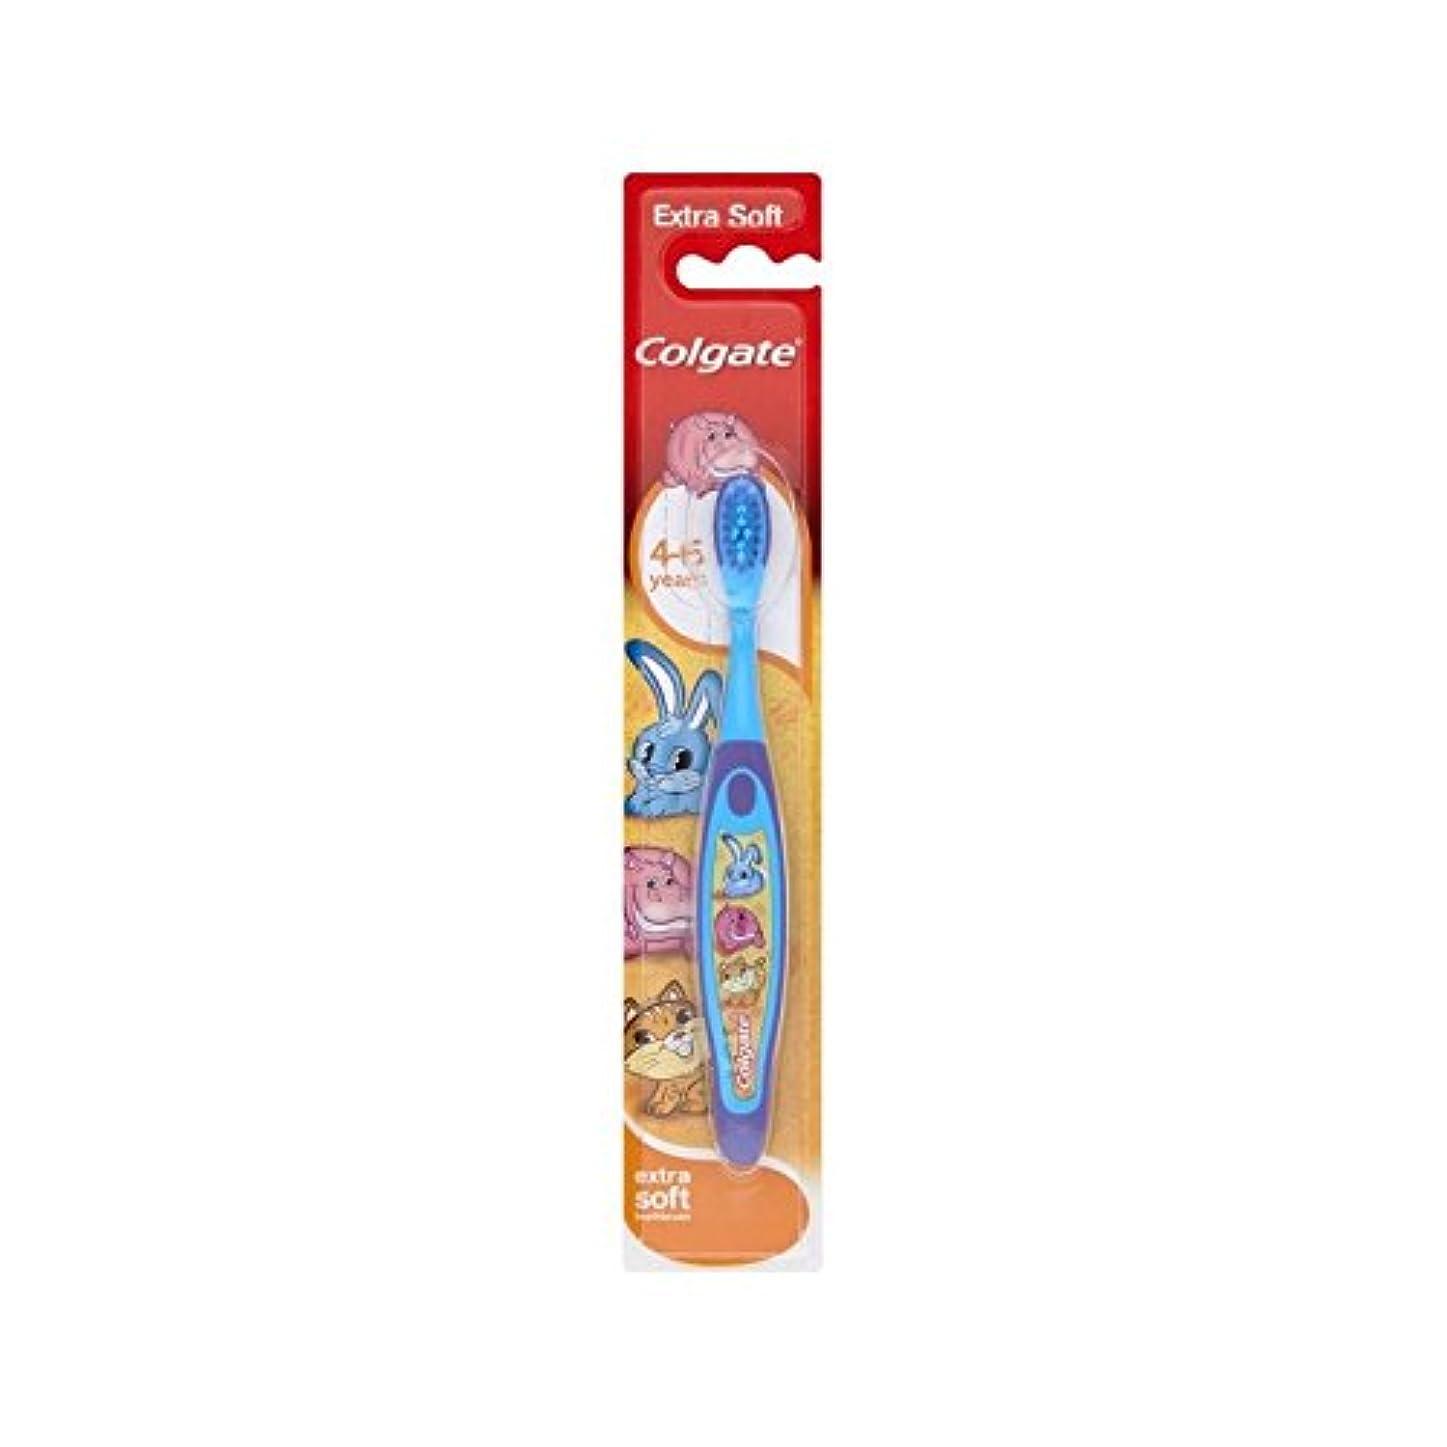 下手ゴールデン反逆者4-6歳の歯ブラシを笑顔 (Colgate) (x 6) - Colgate Smiles 4-6 Years Old Toothbrush (Pack of 6) [並行輸入品]